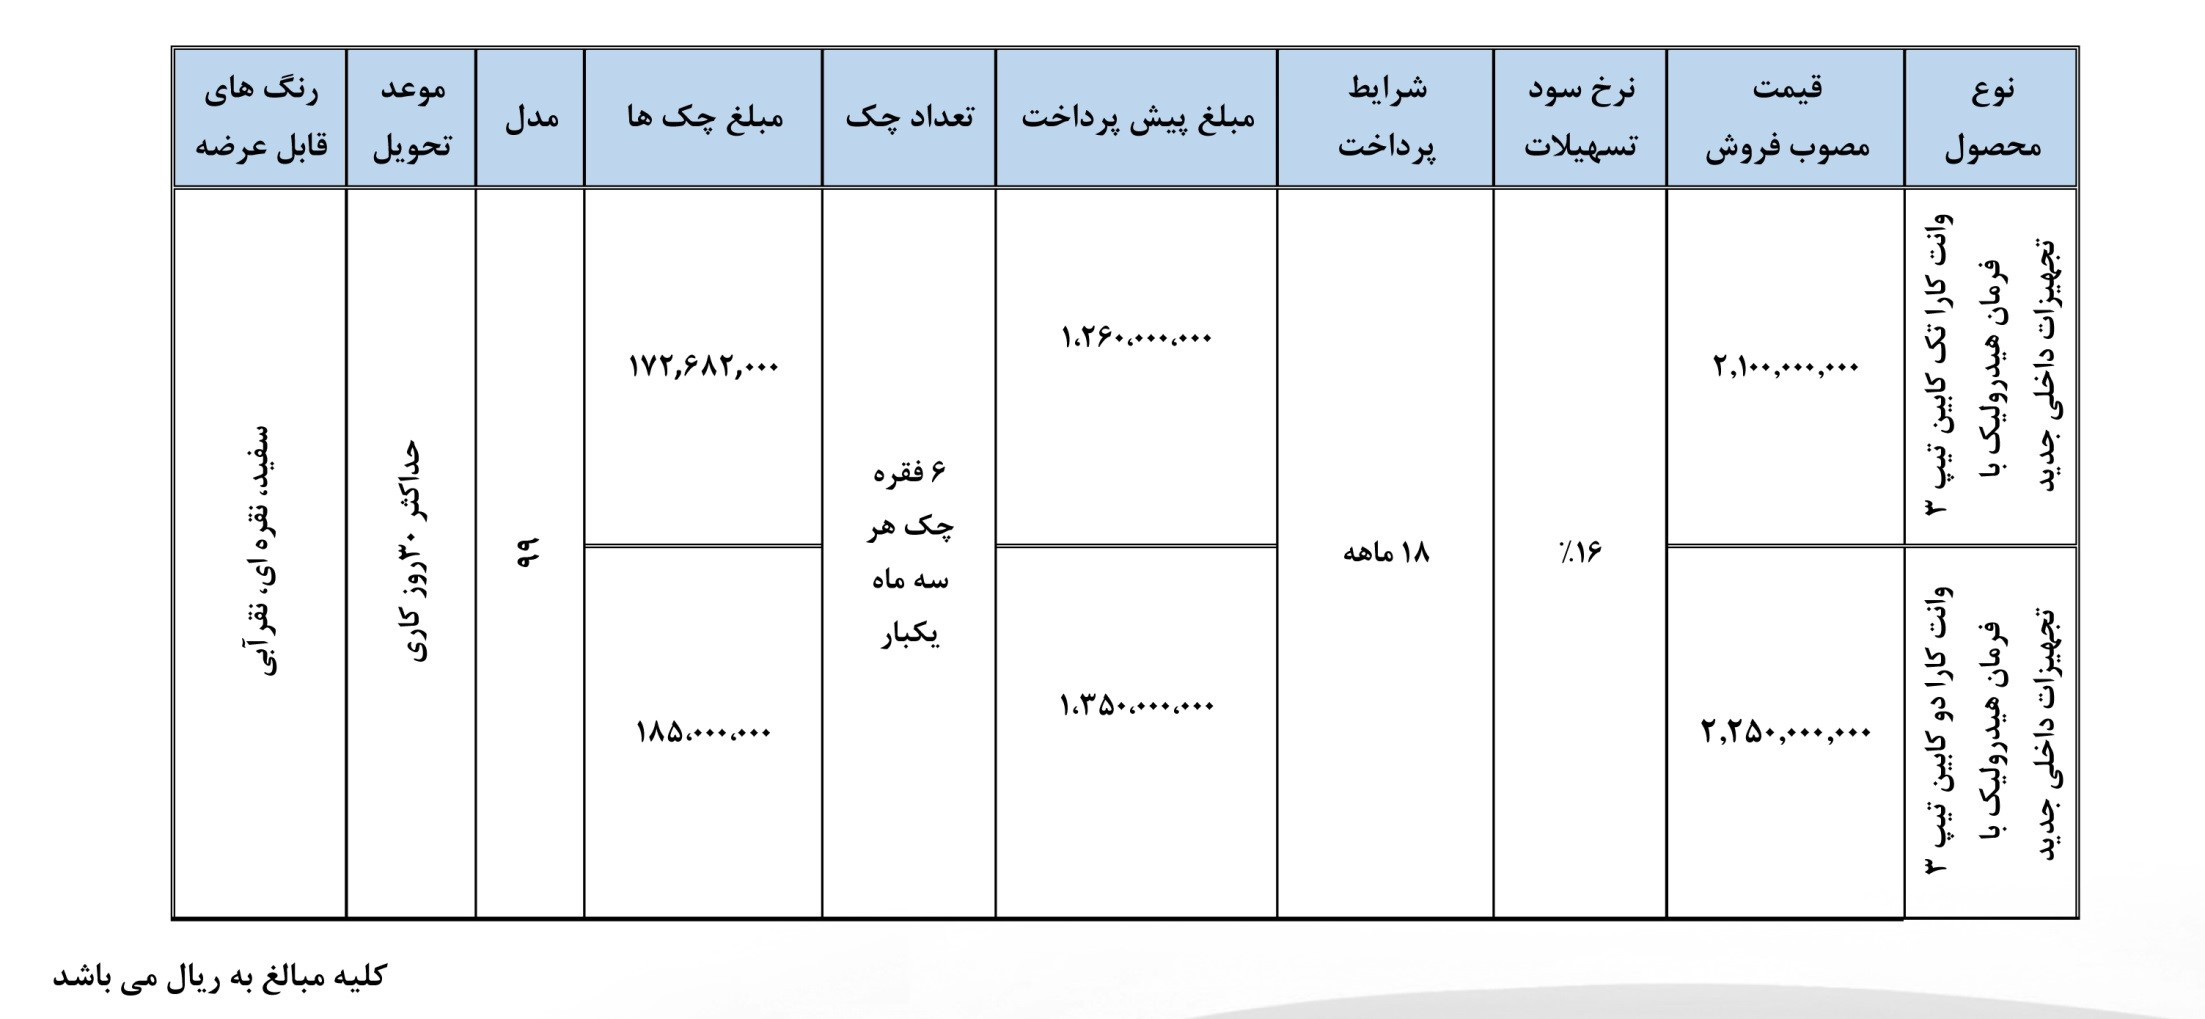 شرایط فروش جدید نقد و اقساطی شرکت بهمن موتور اعلام شد(+جدول فروش)